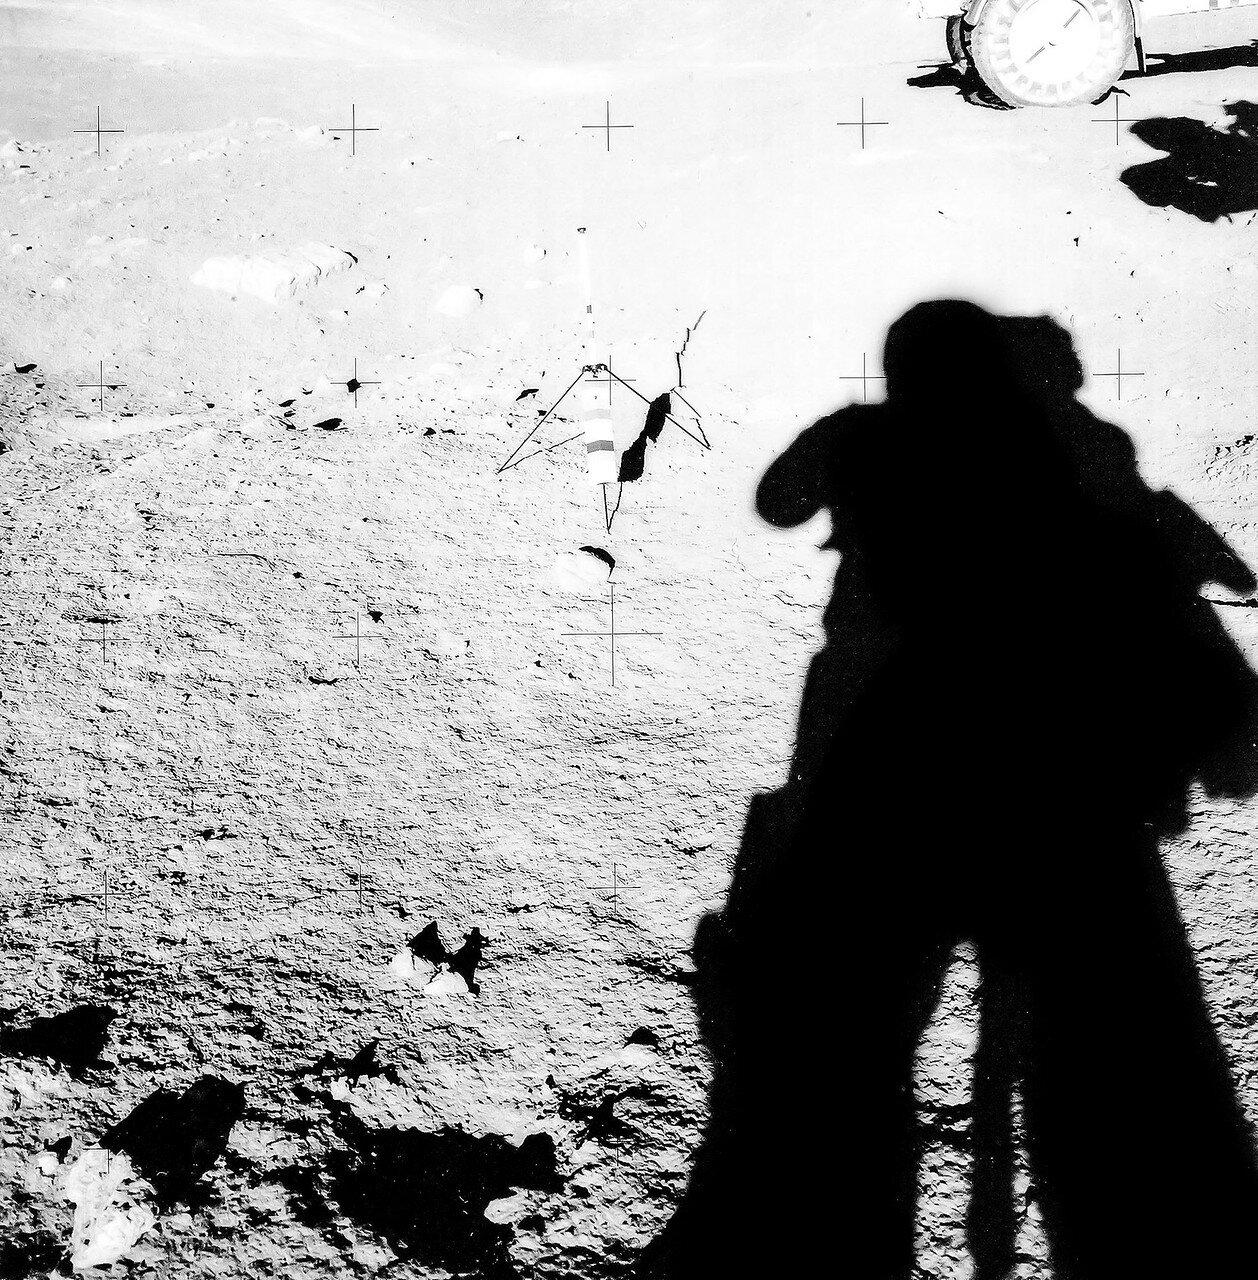 Ещё через 13 минут они подъехали к восточной кромке кратера Локоть. За 26 минут астронавты проехали 4,5 км, от места остановки до лунного модуля по прямой было 3,2 км